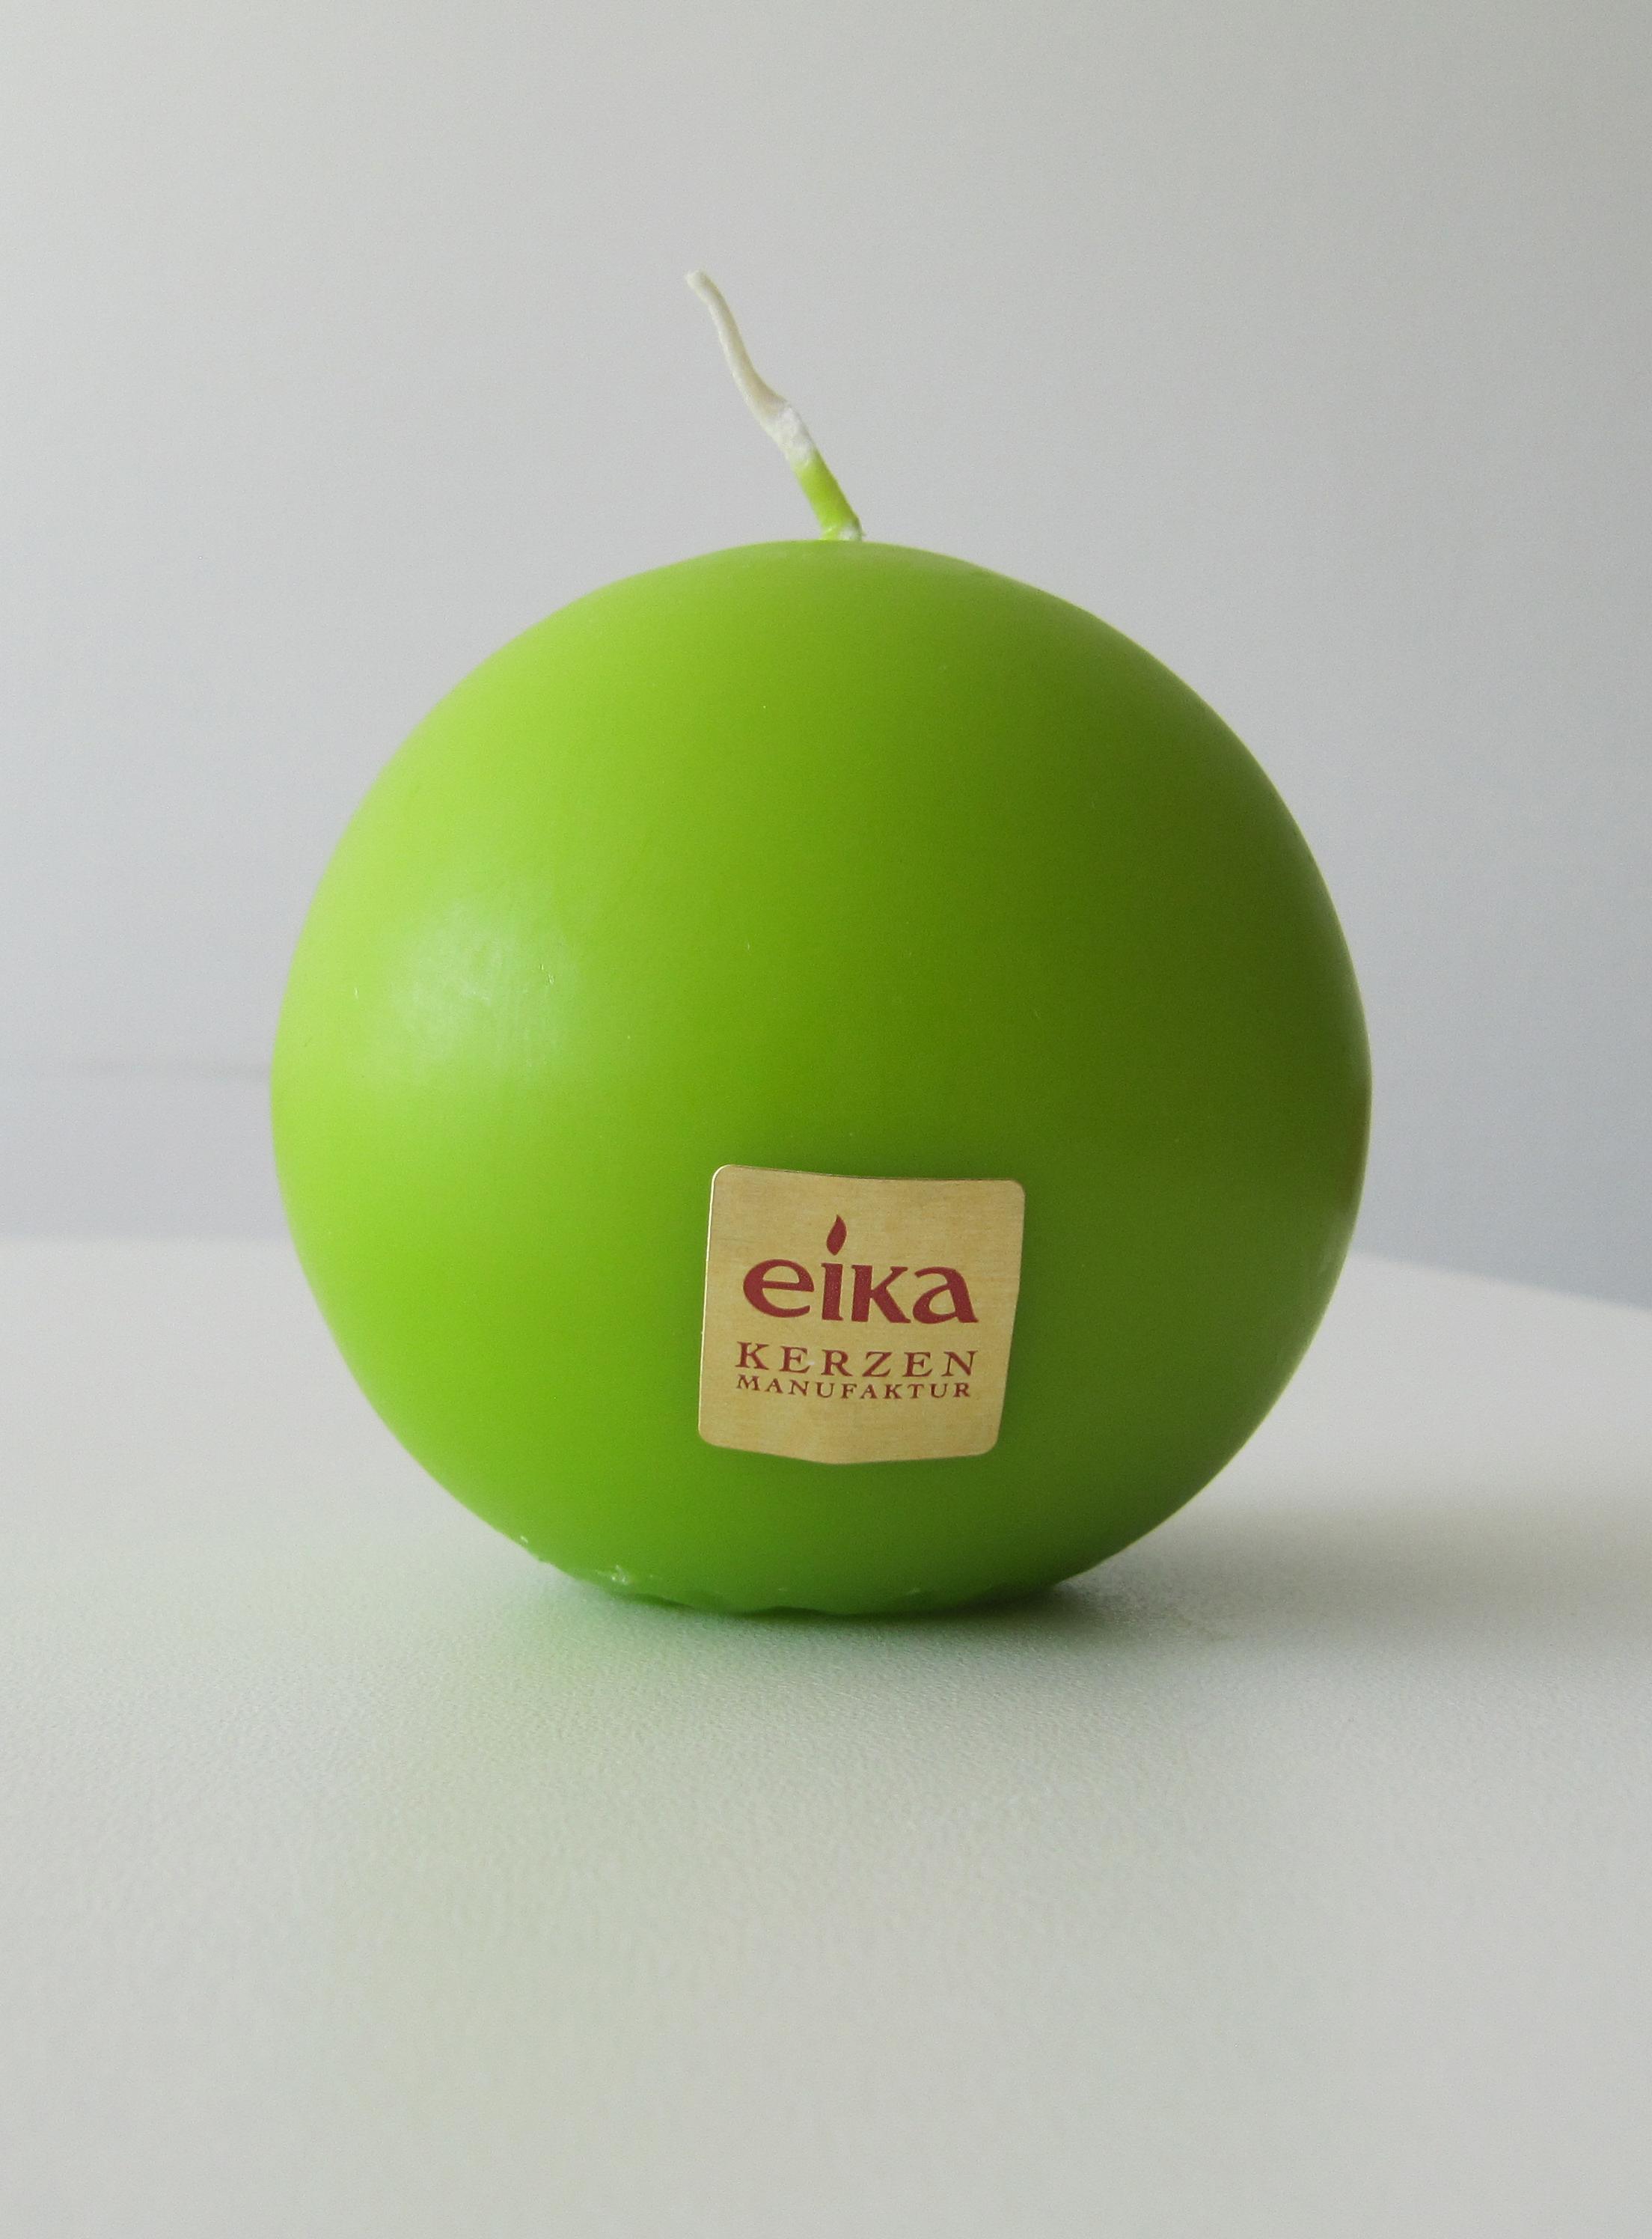 Eika Kugelkerze Ø 70mm pistazie grün Bild 1